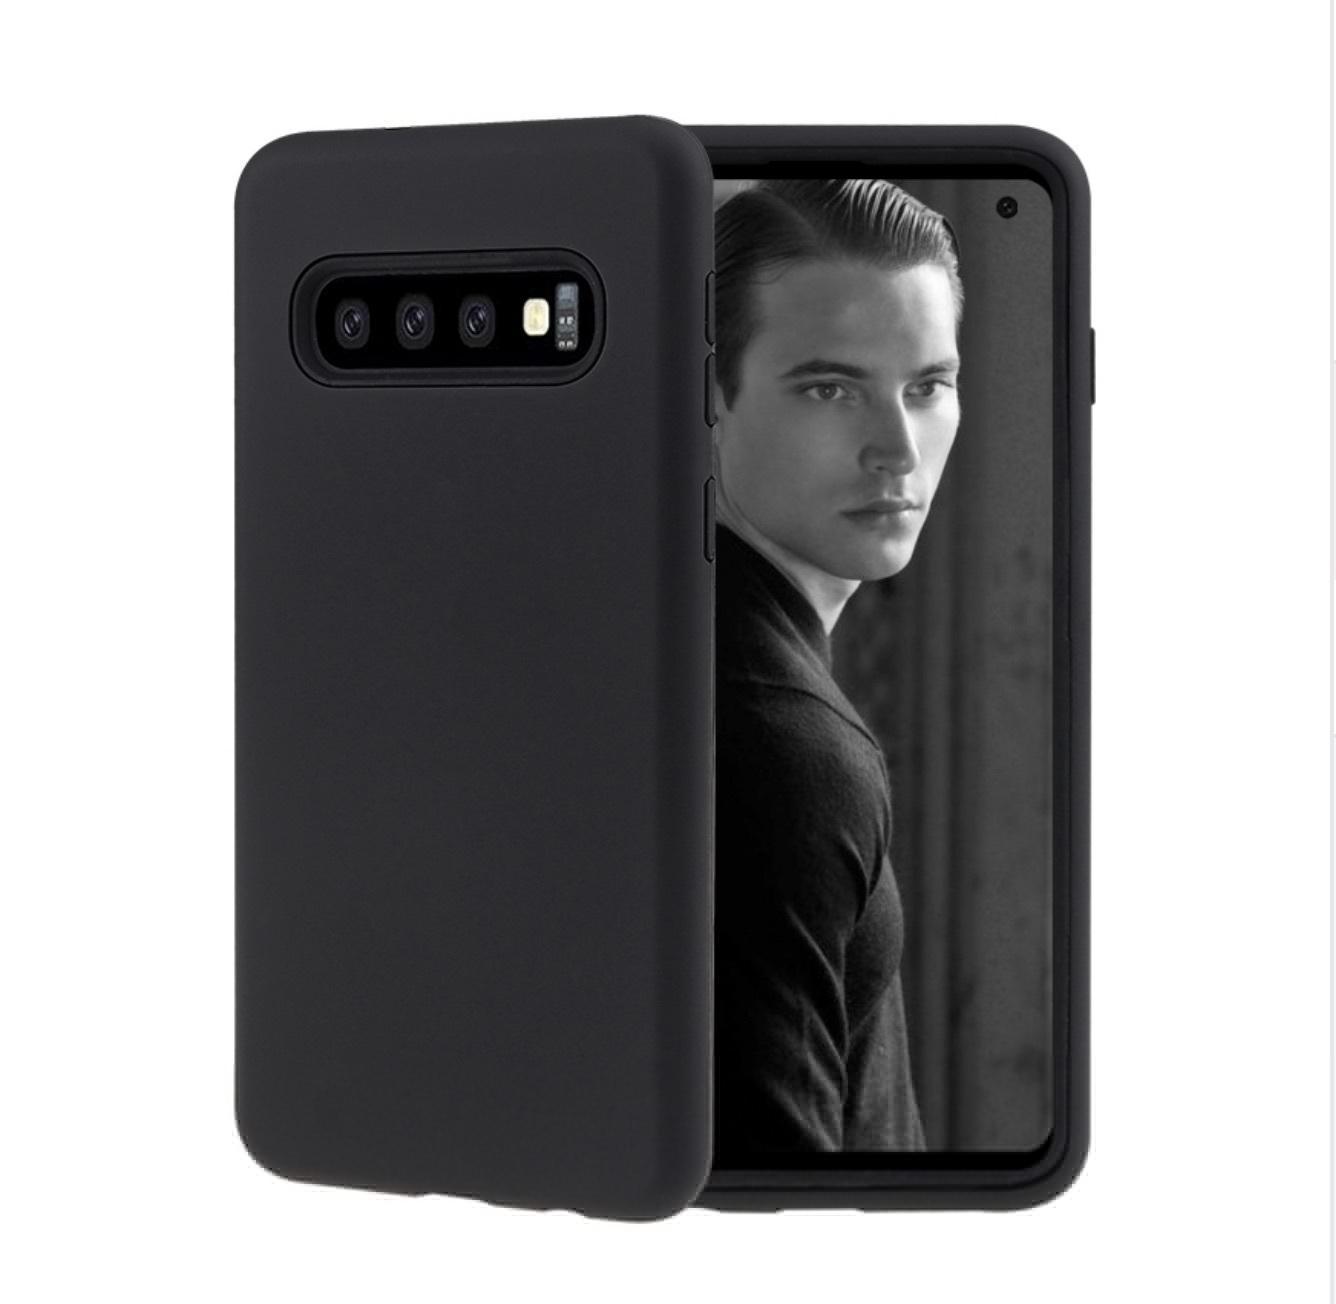 Samsung S10 3 in 1 Case Black